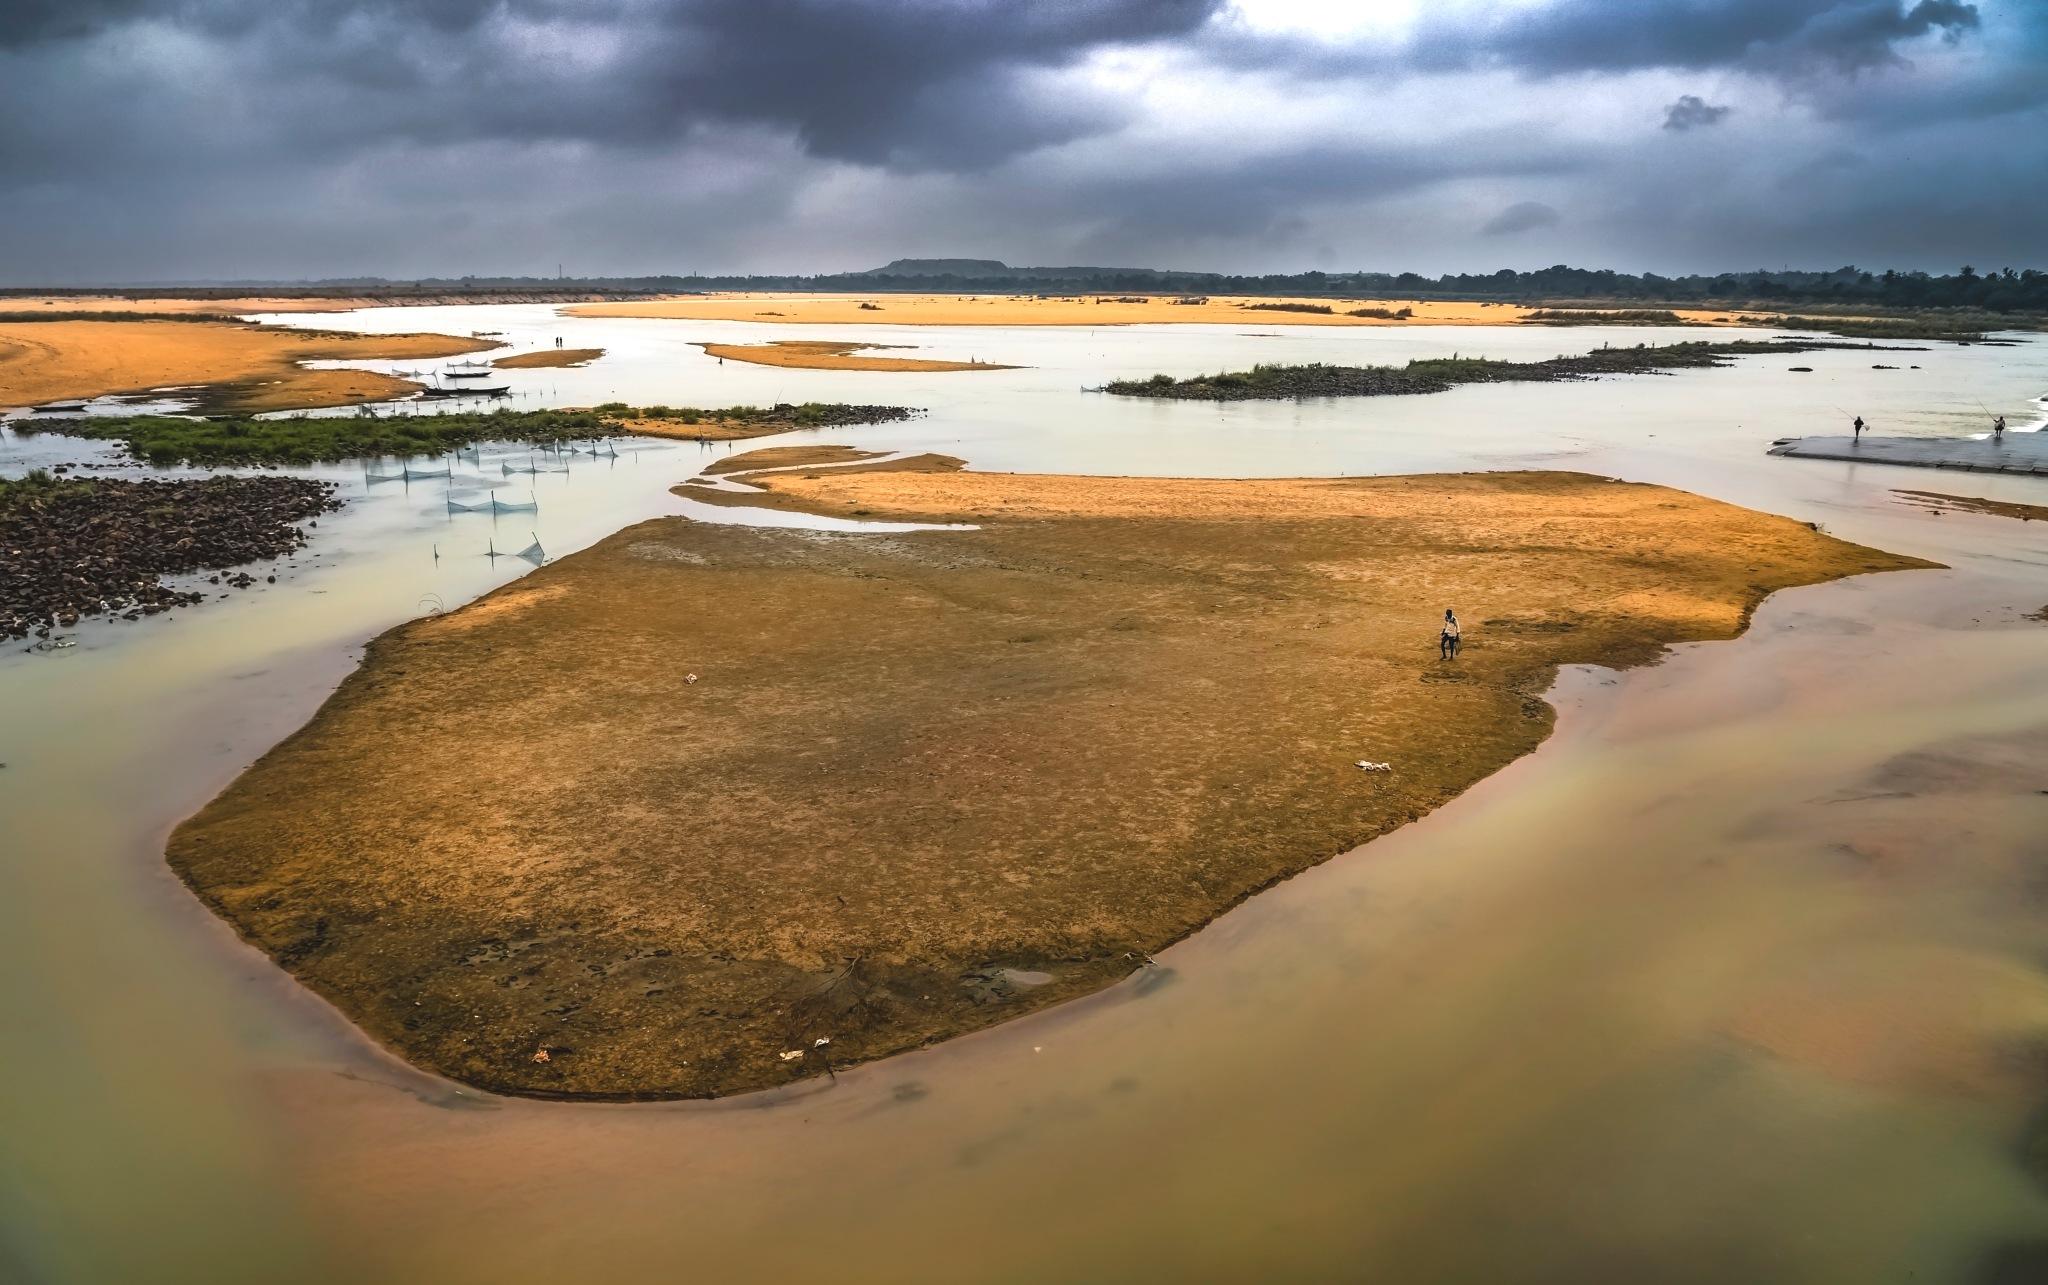 LANDSCAPE by Anupam Banerjee